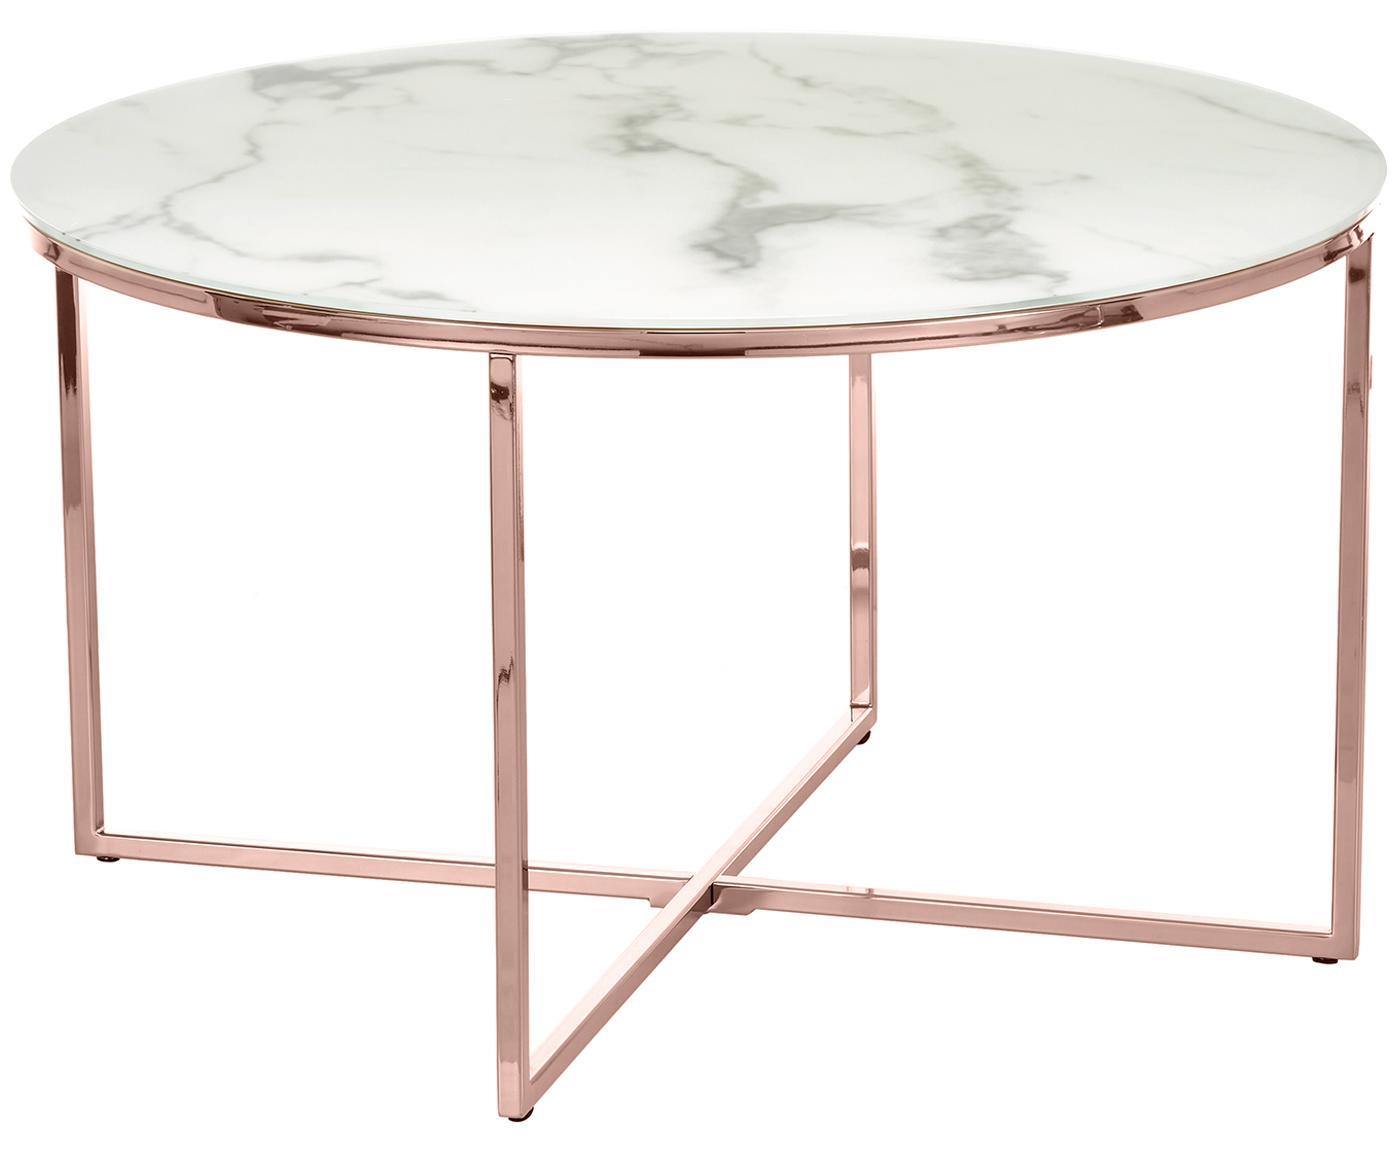 Mesa de centro Antigua, tablero de cristal en aspecto mármol, Tablero: vidrio estampado con aspe, Estructura: acero, latón, Mármol blanco grisaceo, rosa dorado, Ø 80 x Al 45 cm